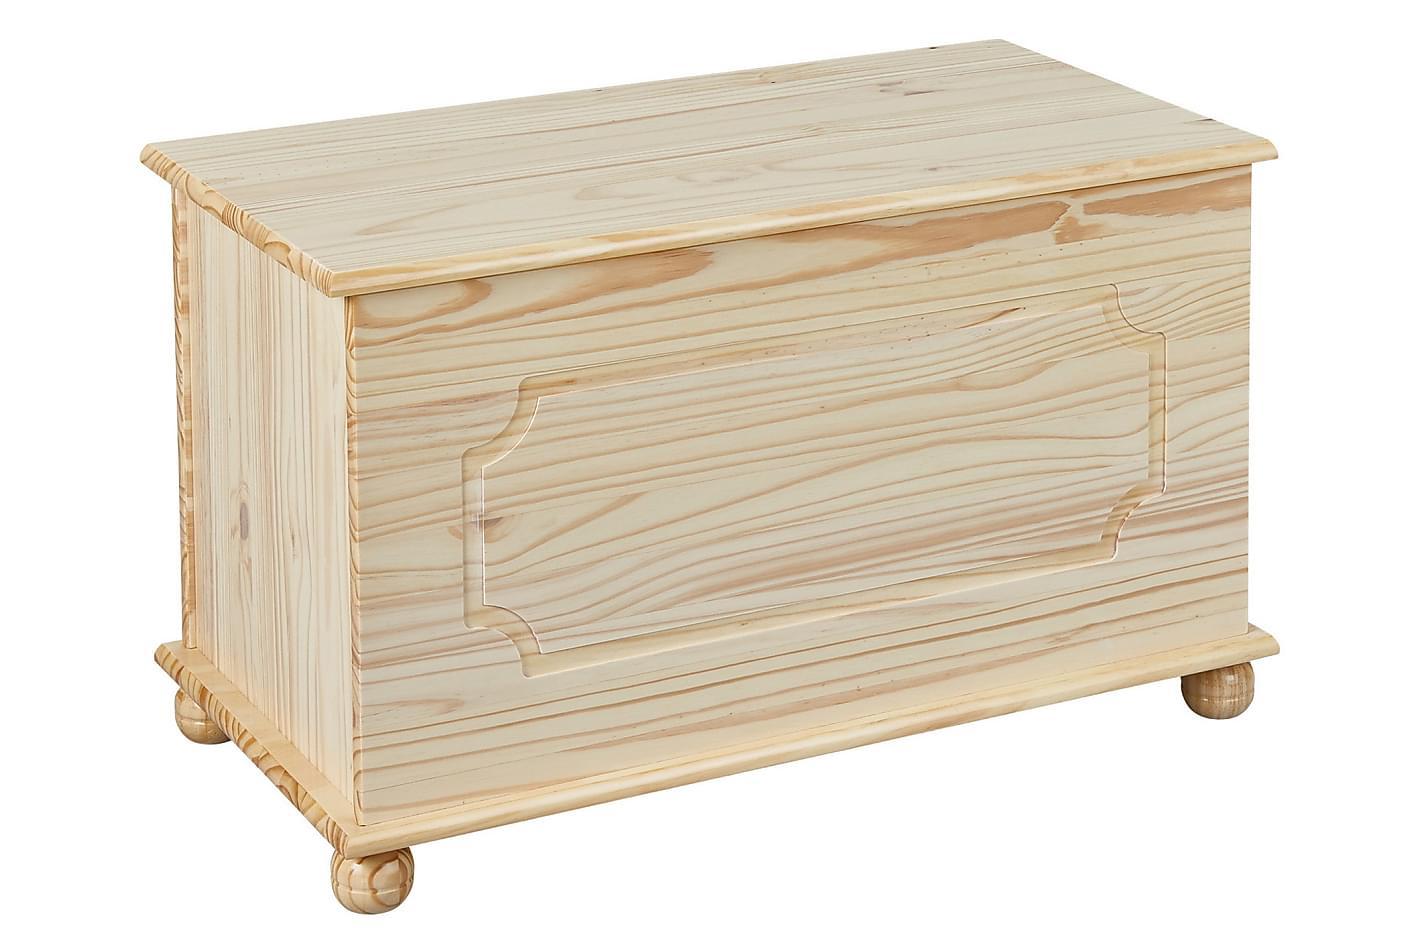 ADITYA Förvaringslåda 89 Trä, Småförvaring